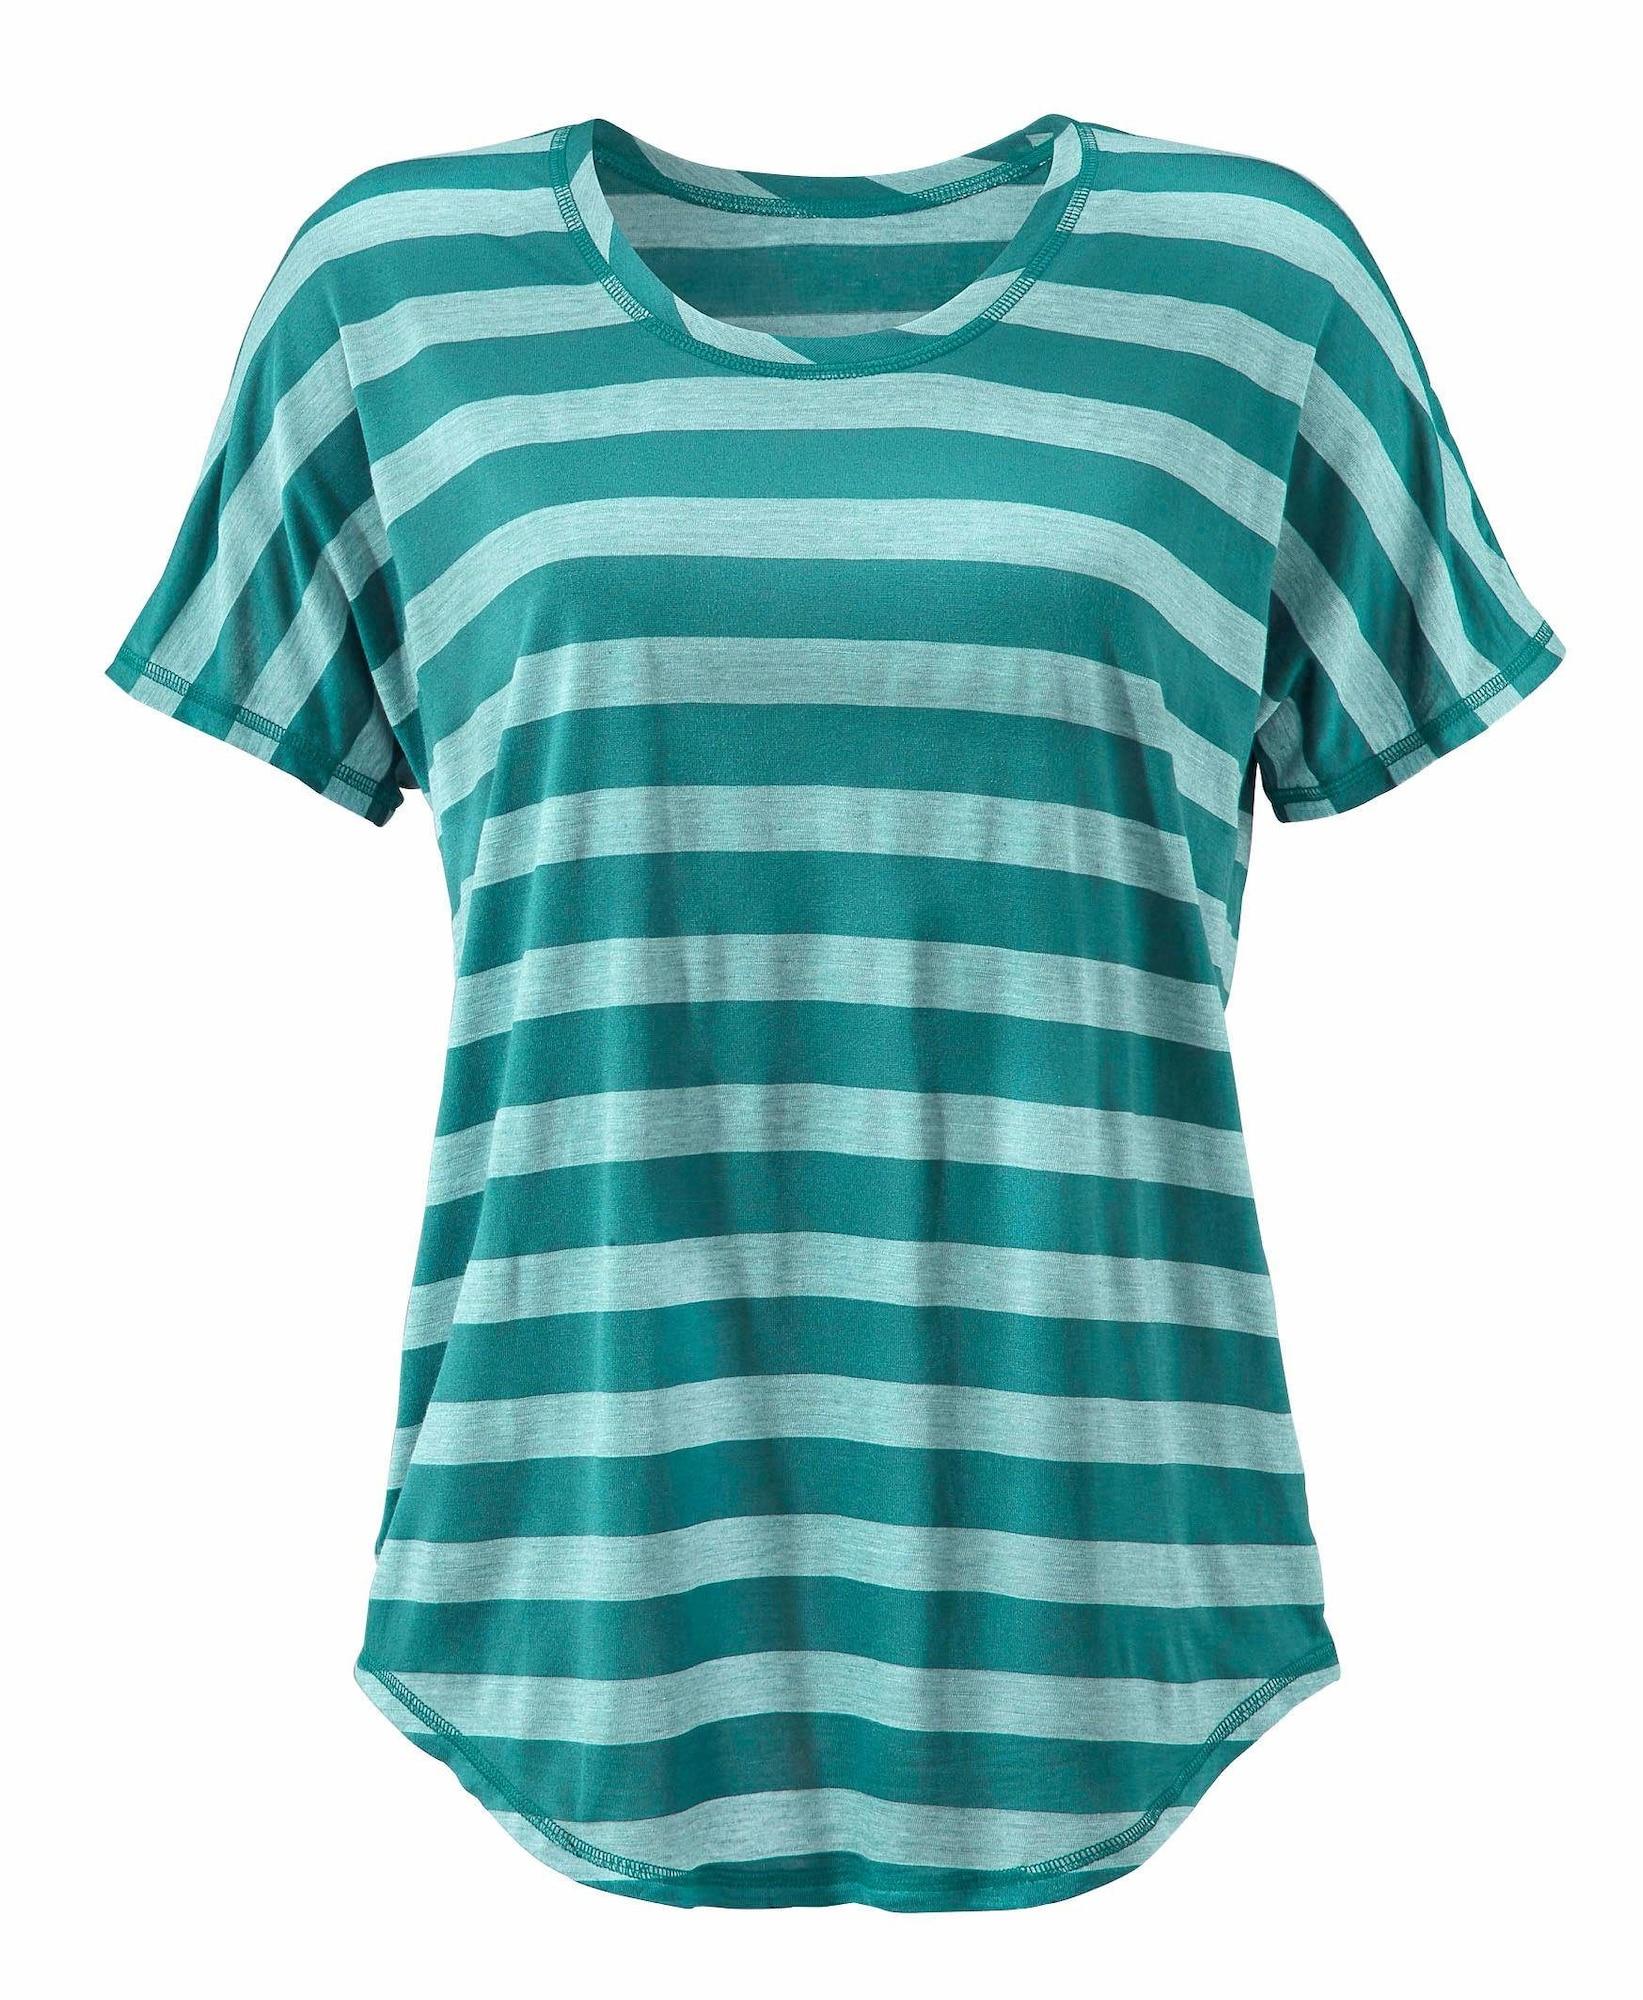 BEACH TIME Marškinėliai mėtų spalva